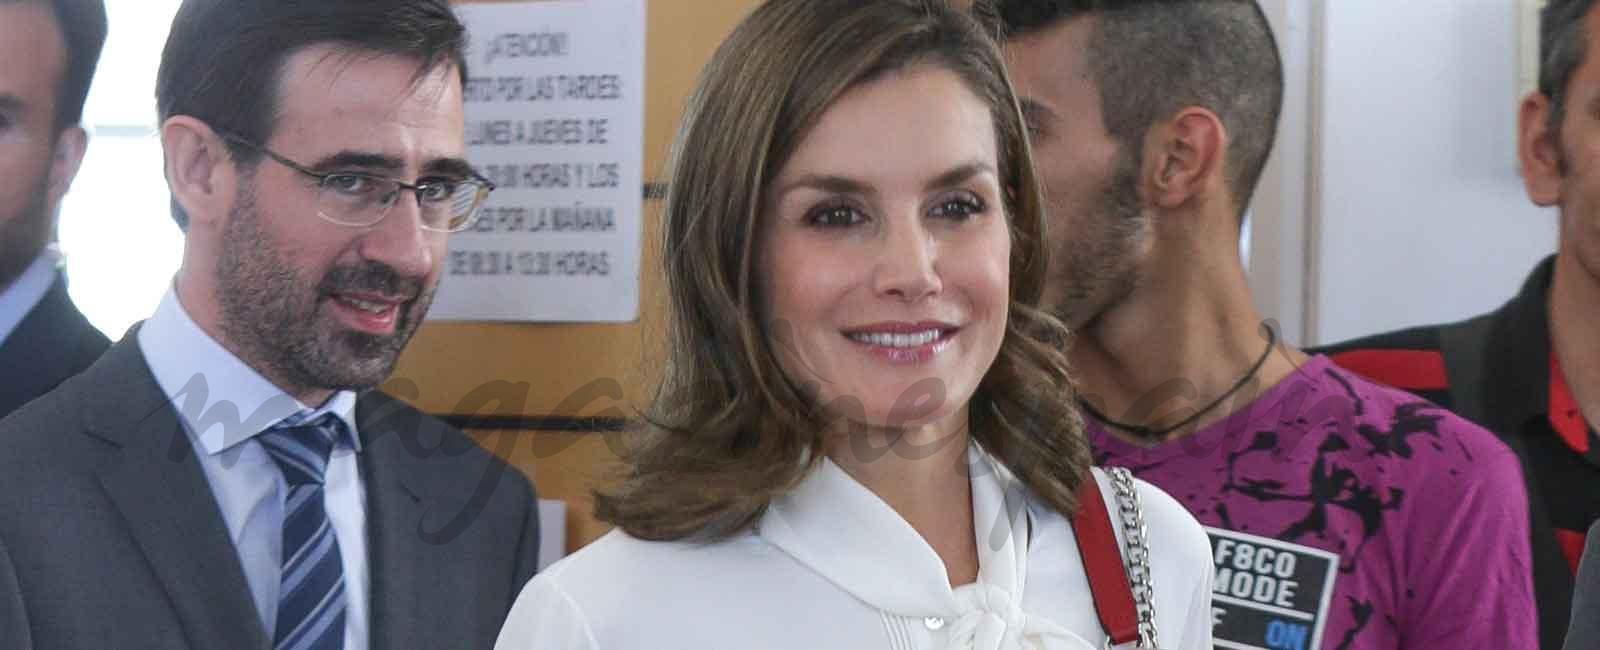 El perfecto look «working girl» de la reina Letizia